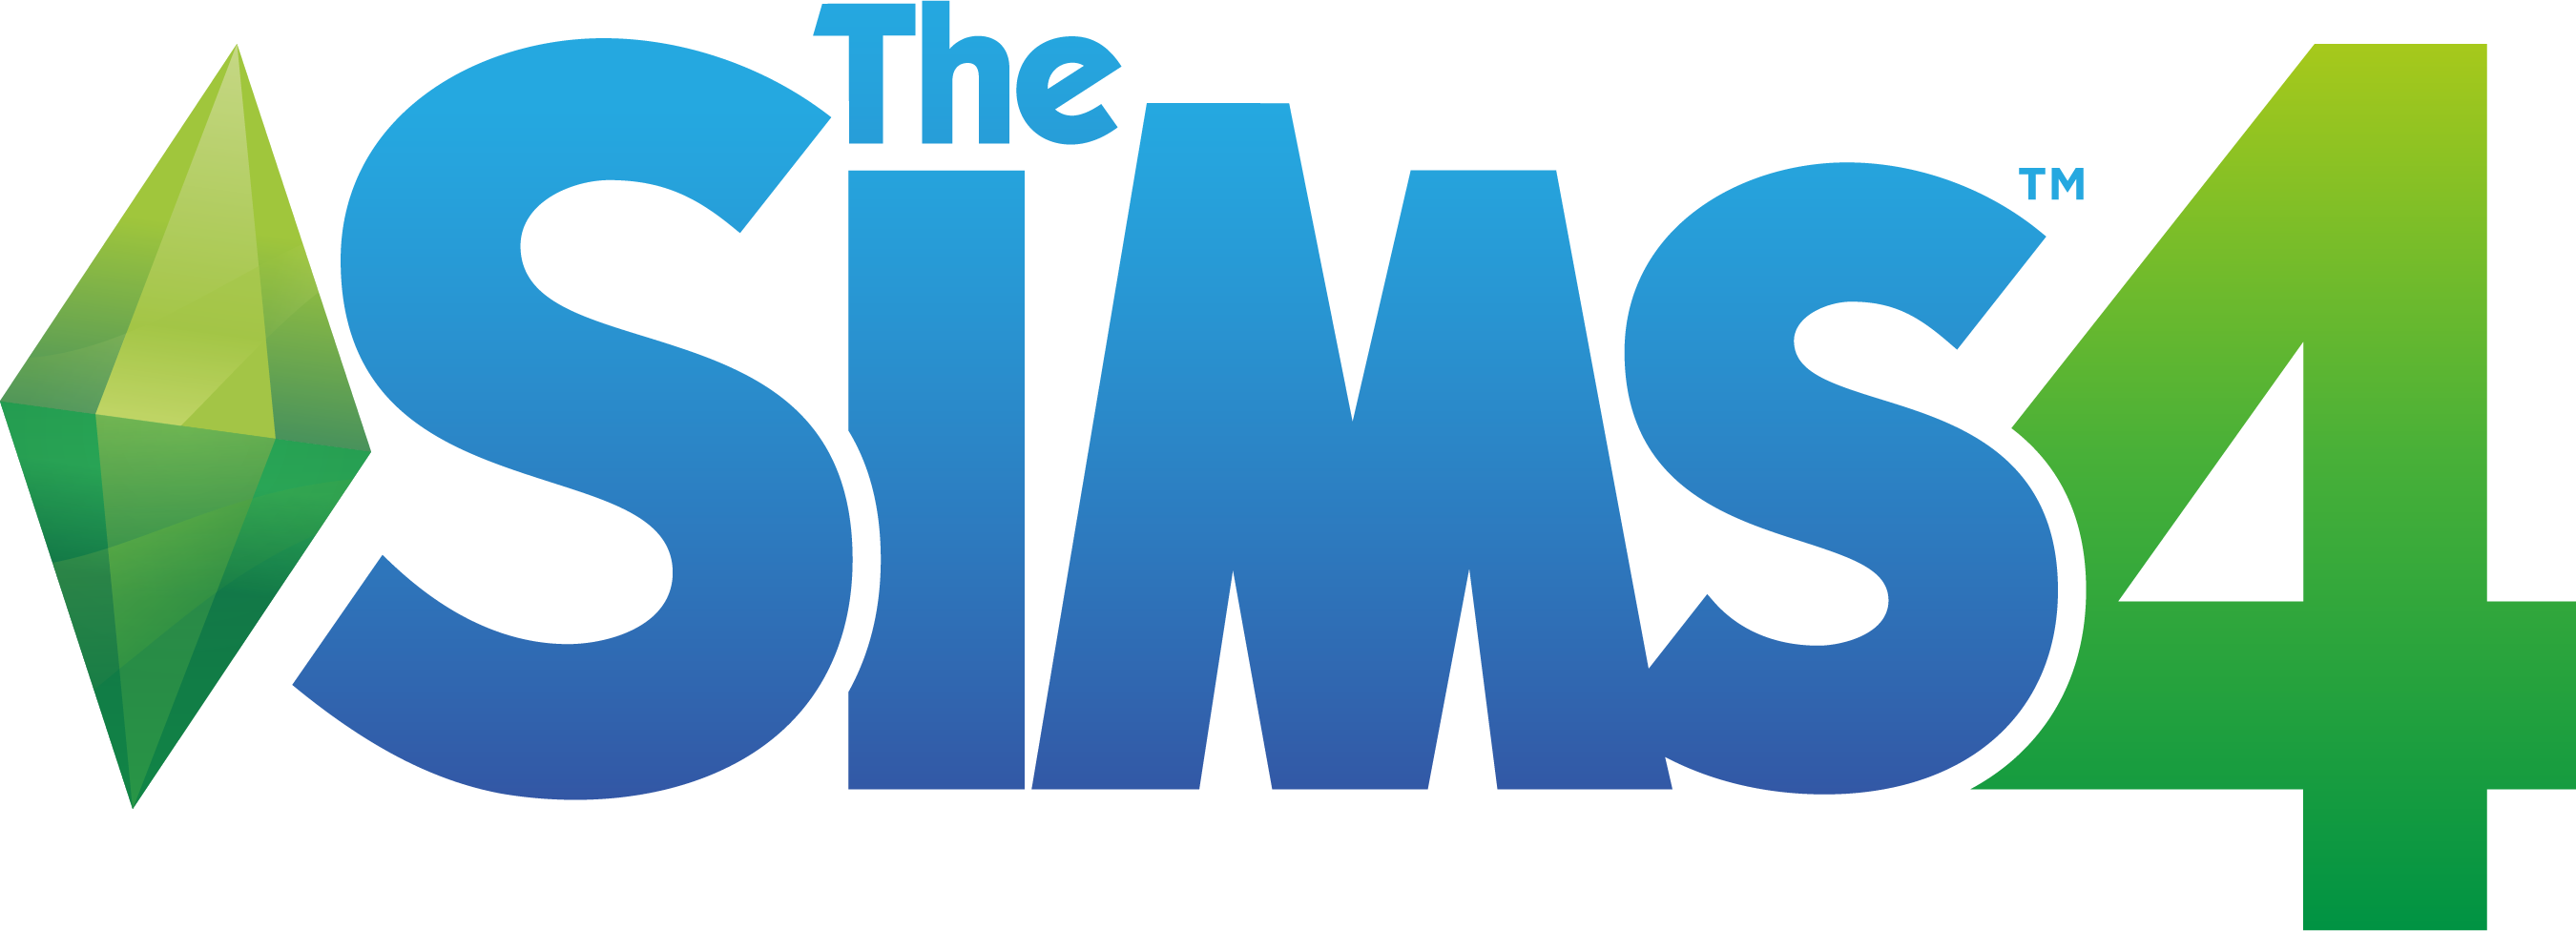 Vínci/Редактор создания персонажа в The Sims 4!